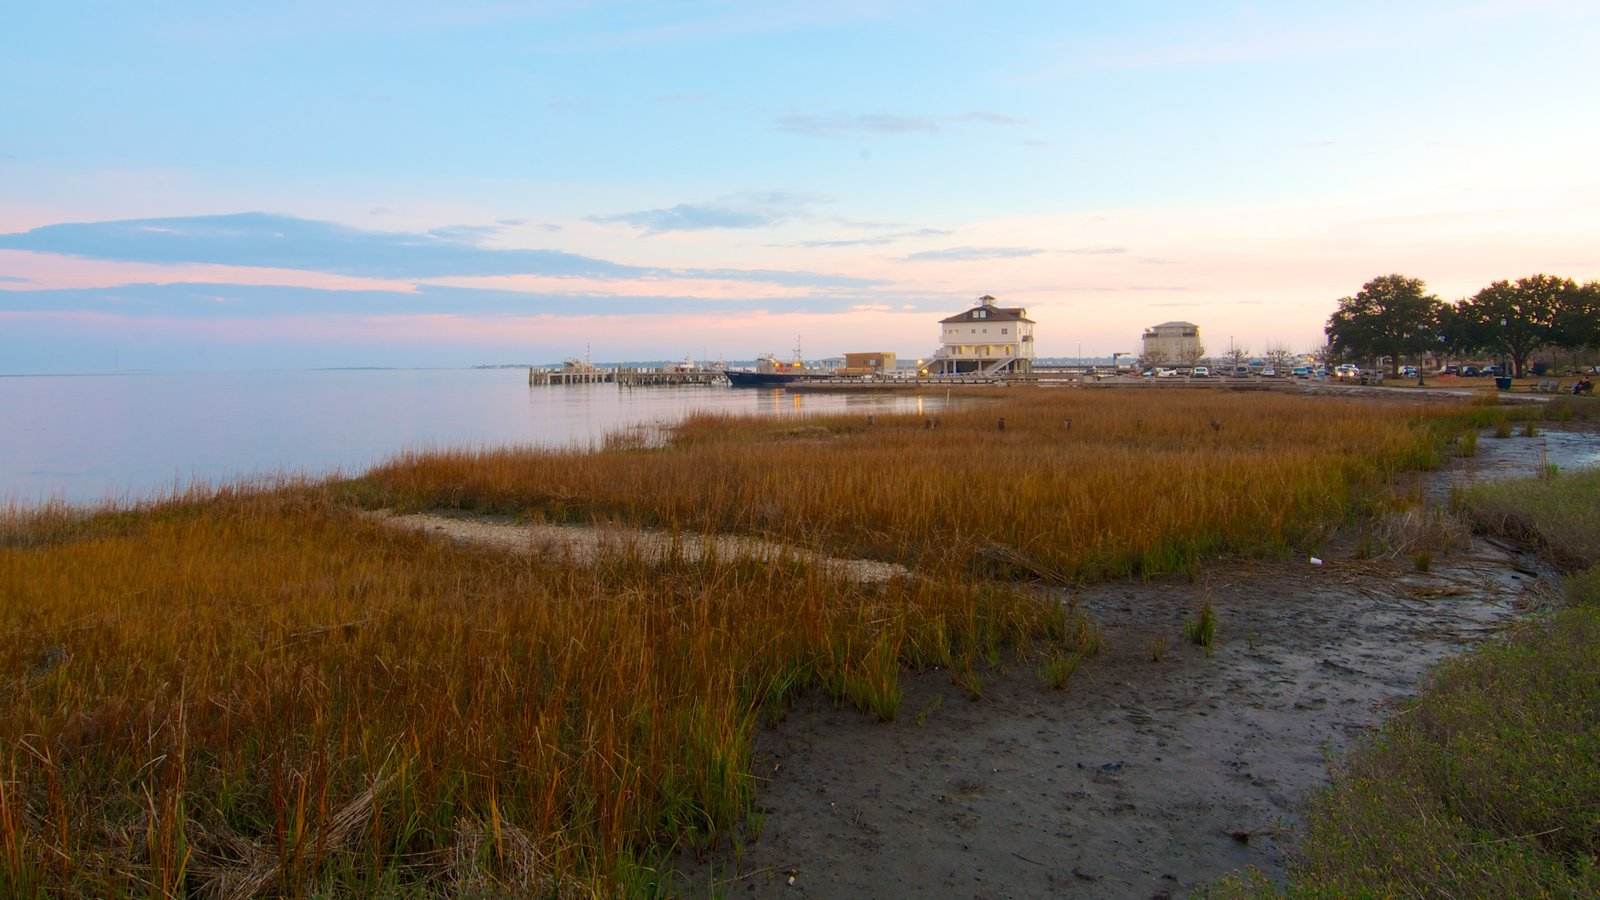 Charleston Waterfront Park caracterizando paisagem, uma cidade litorânea e paisagens litorâneas